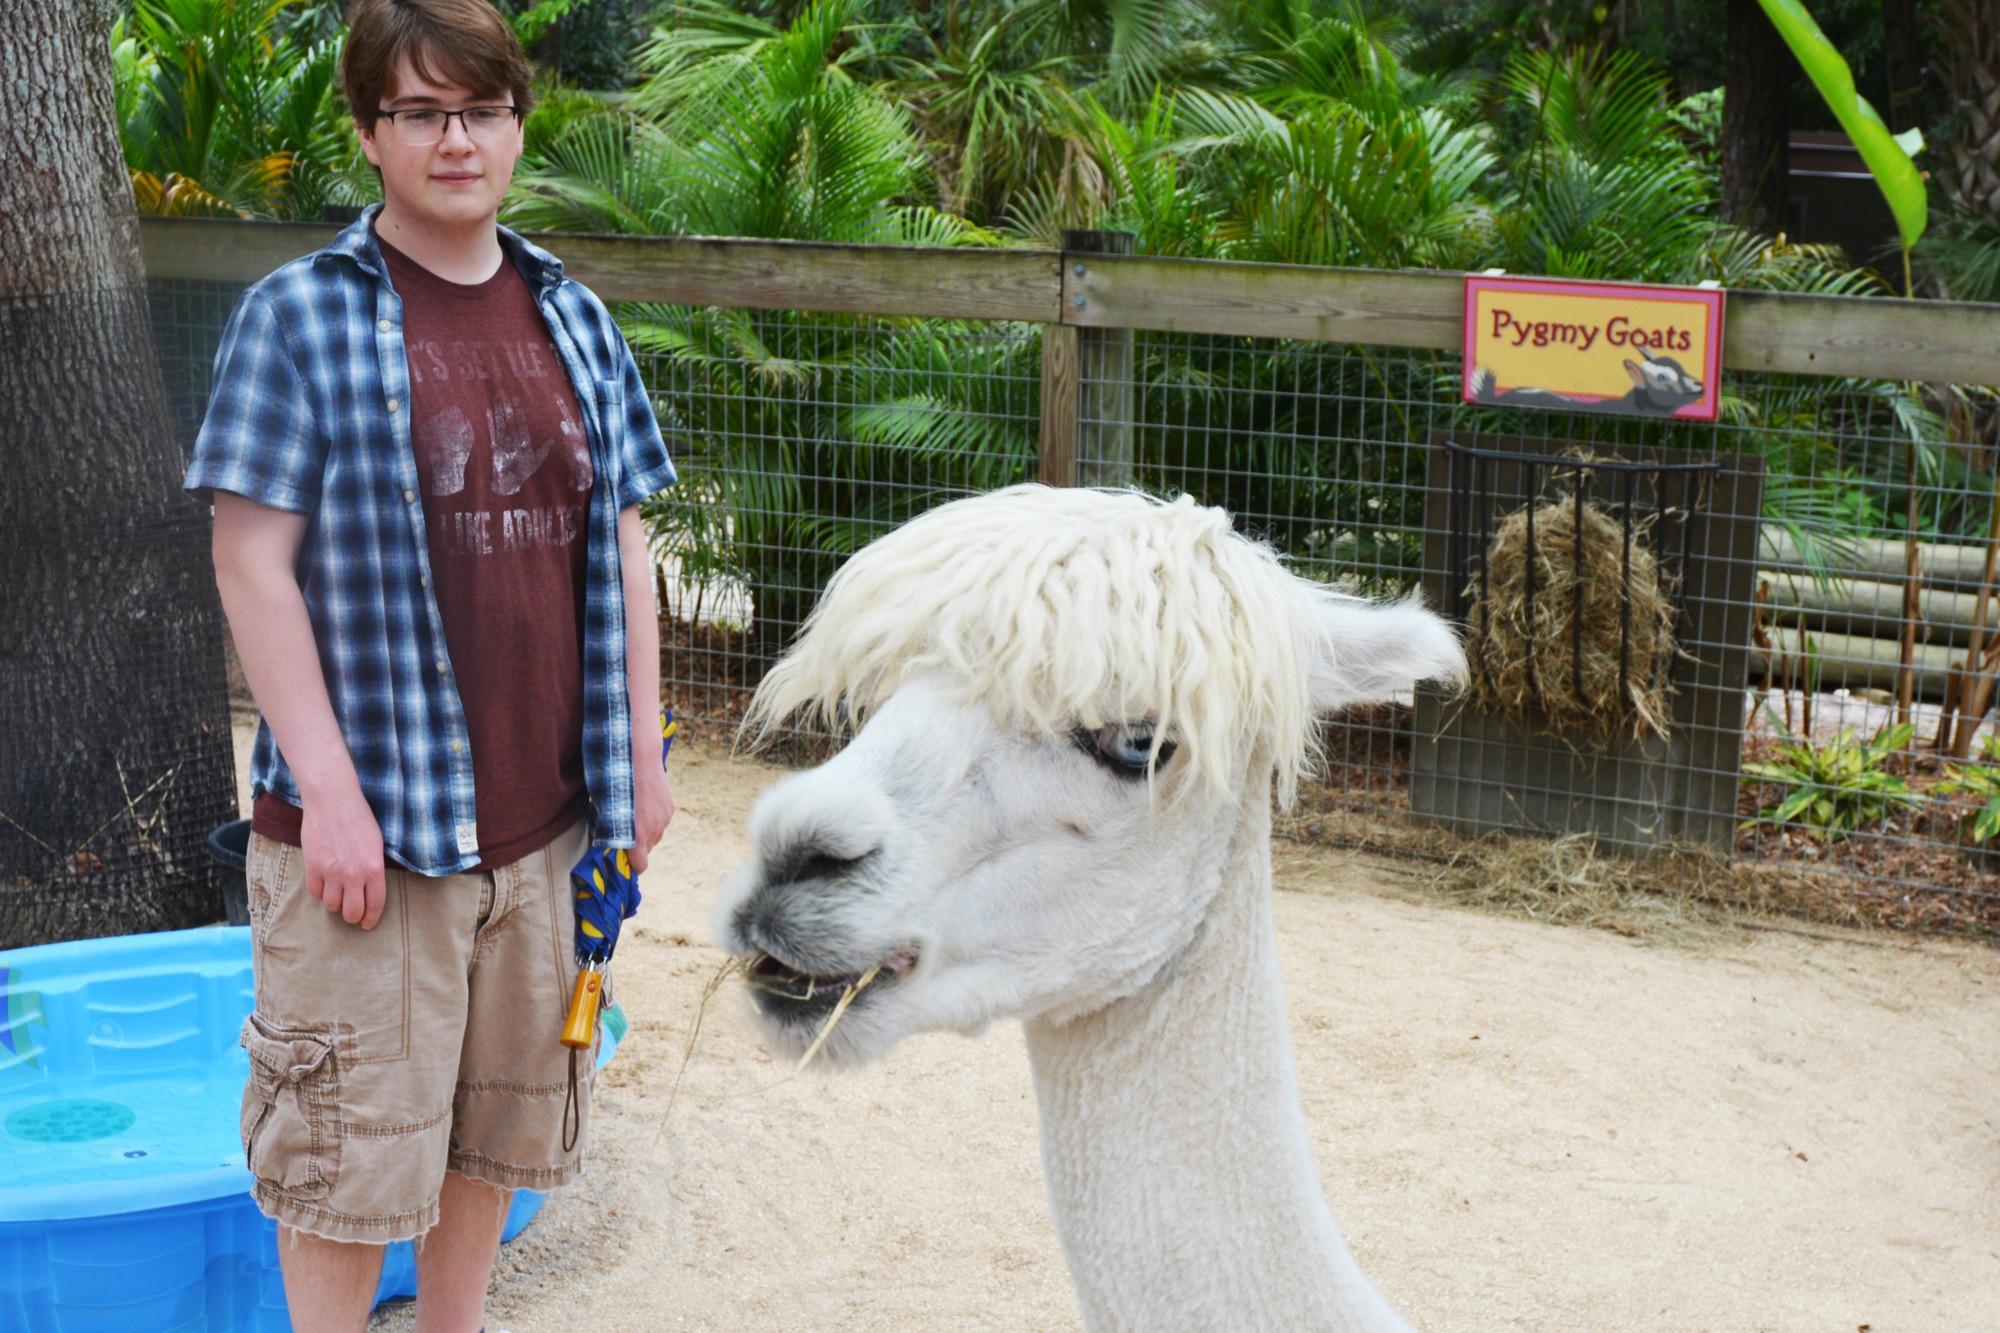 Alpaca in the Petting Zoo